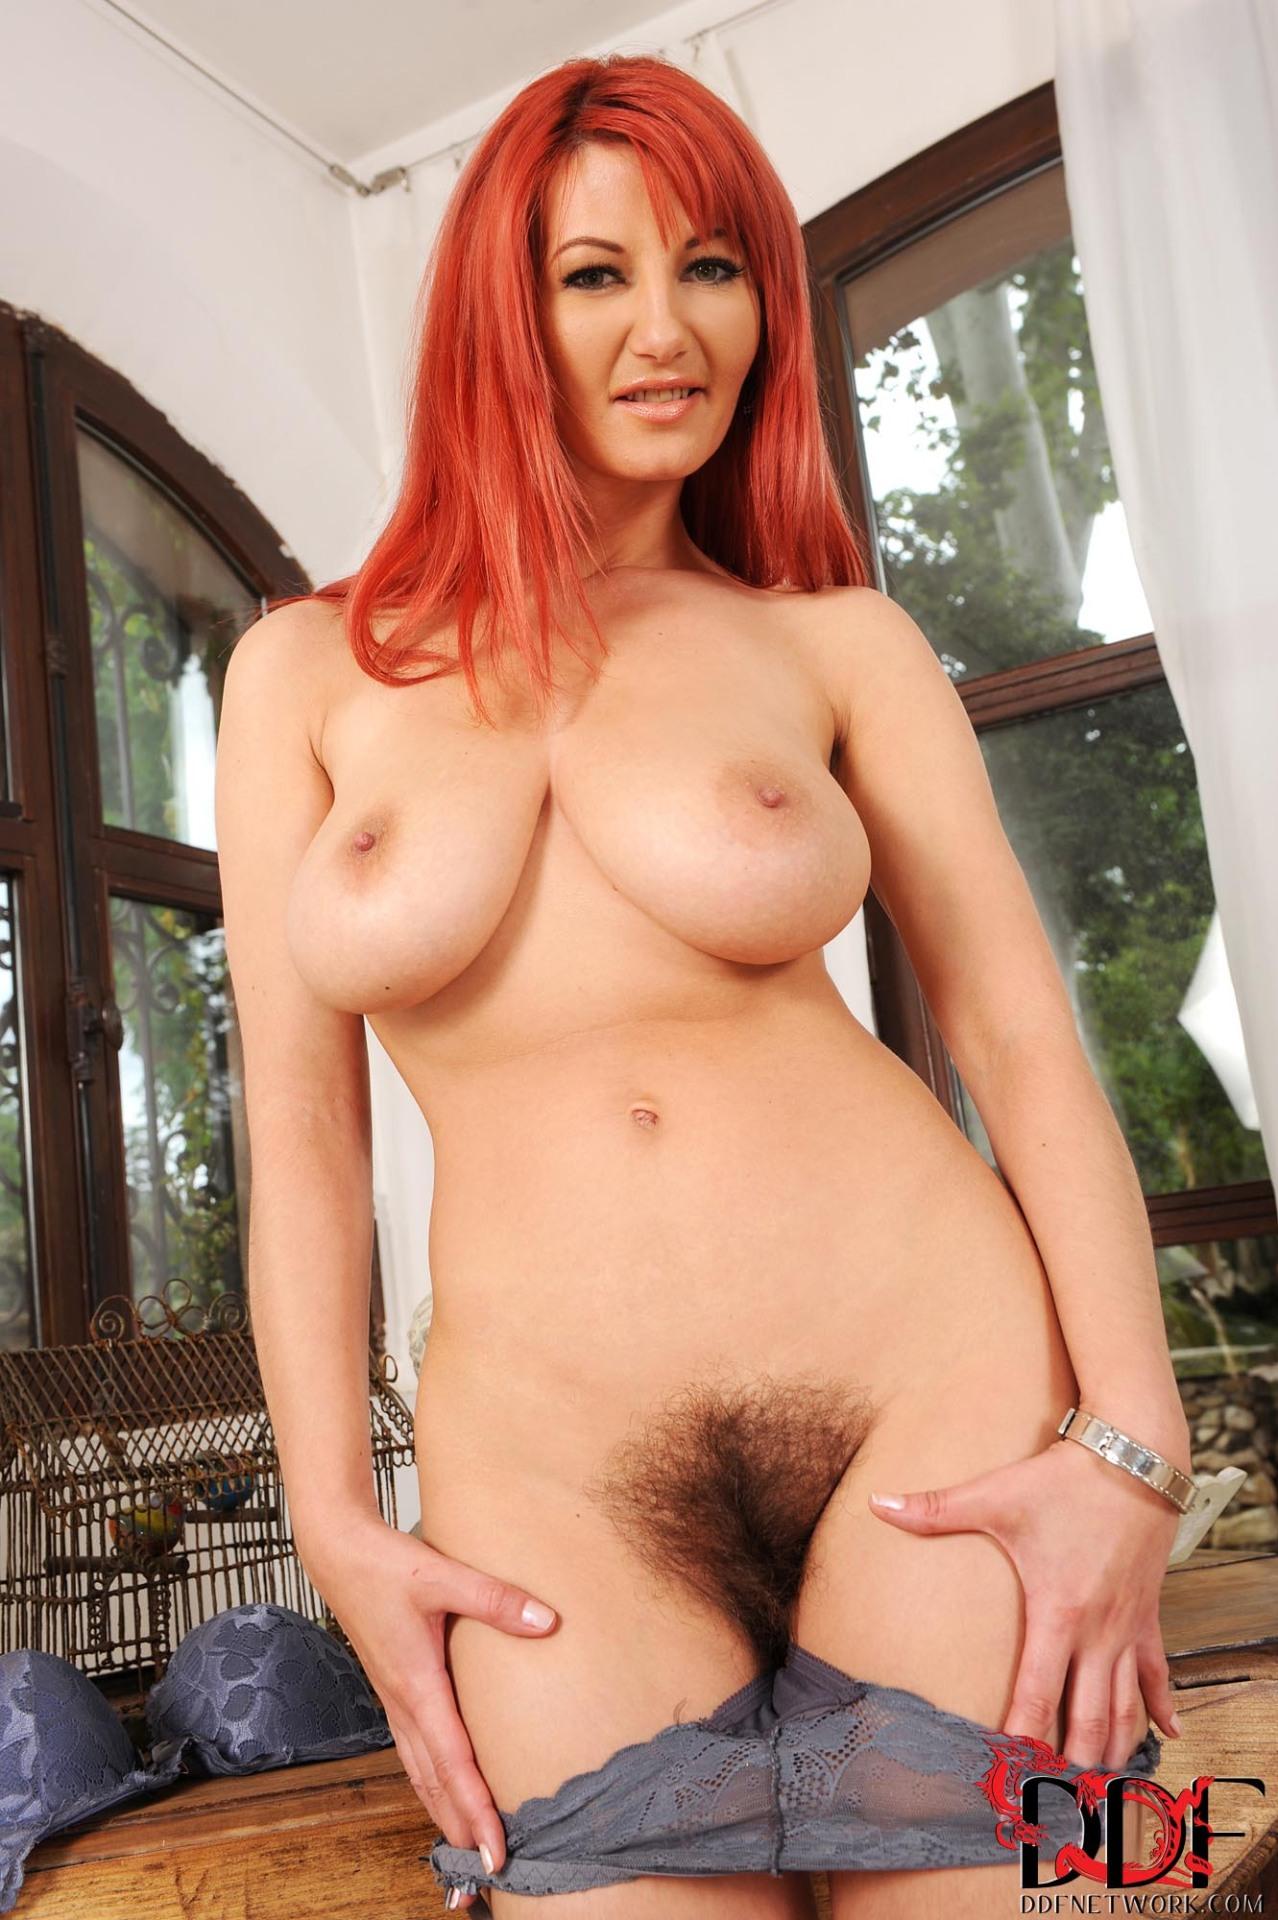 Ass big tits redhead milf vanessa